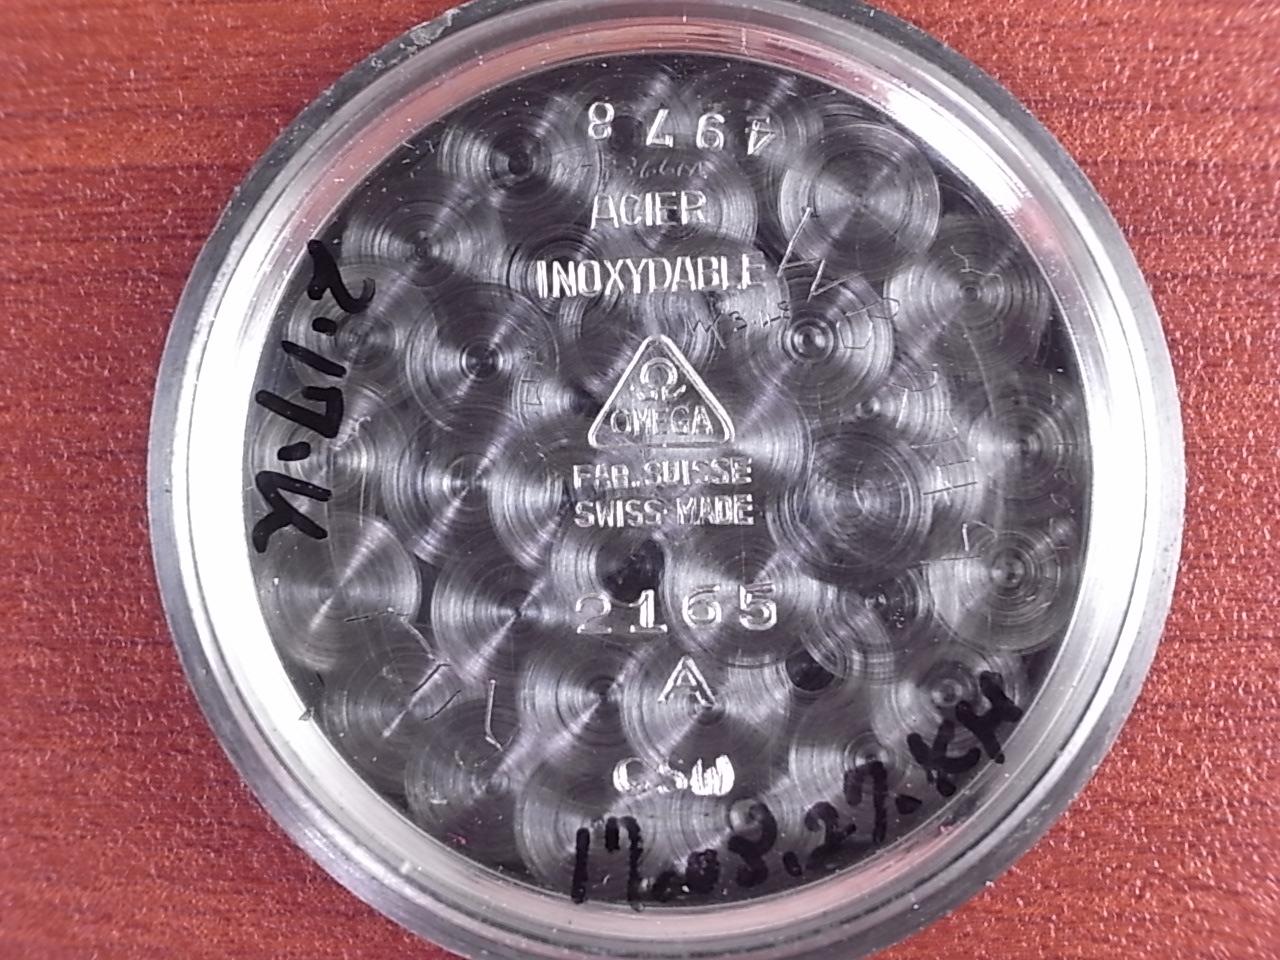 オメガ シリビアンサービス forインディア ボンクリップ付き 1940年代の写真6枚目